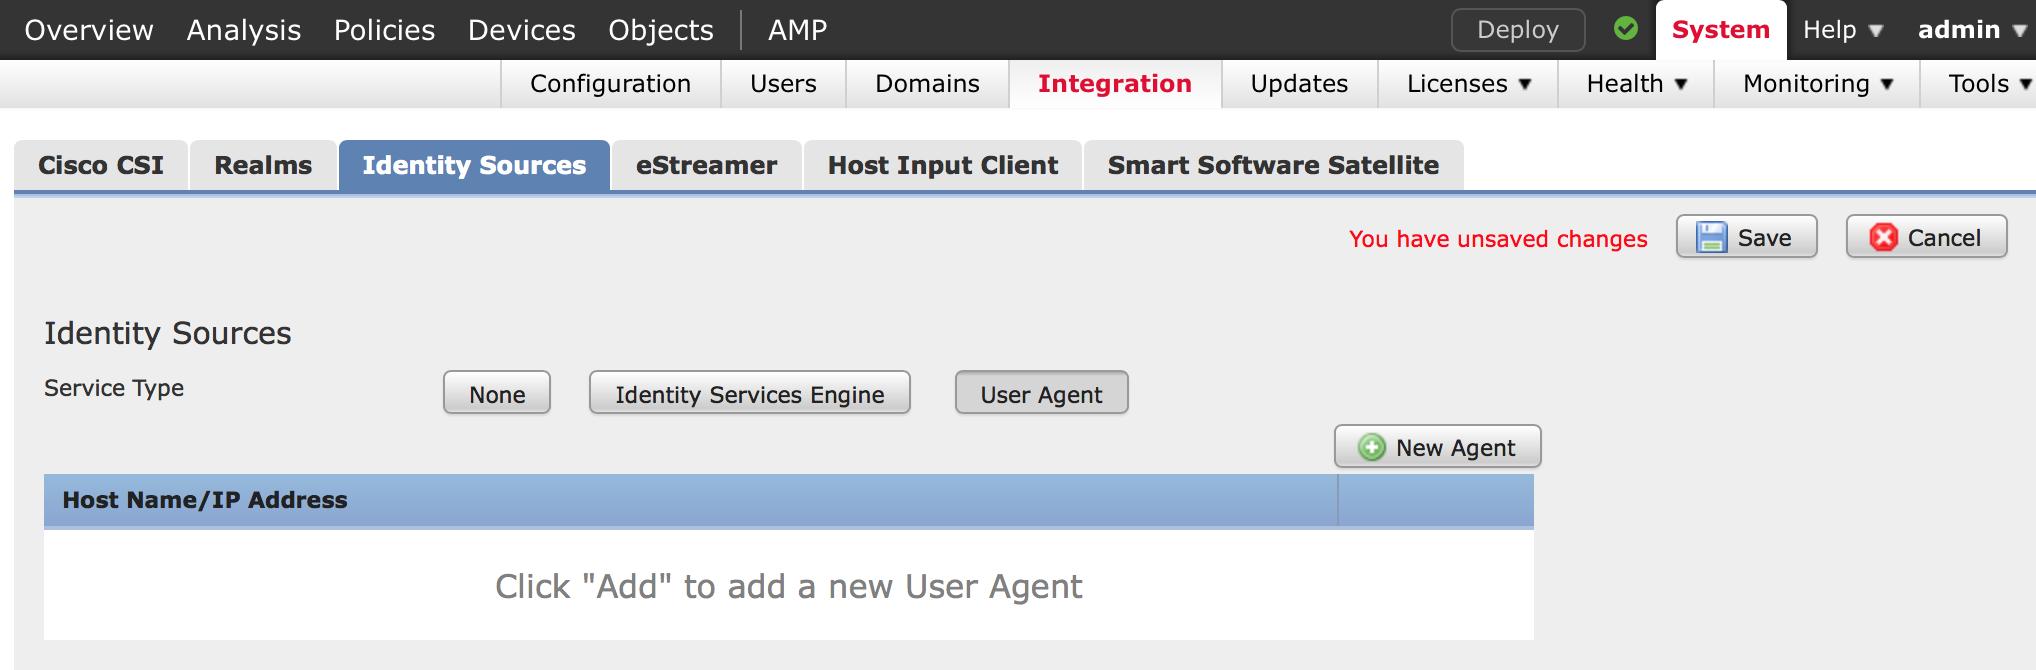 Cisco FirePOWER Management Center AD Integration v6 -